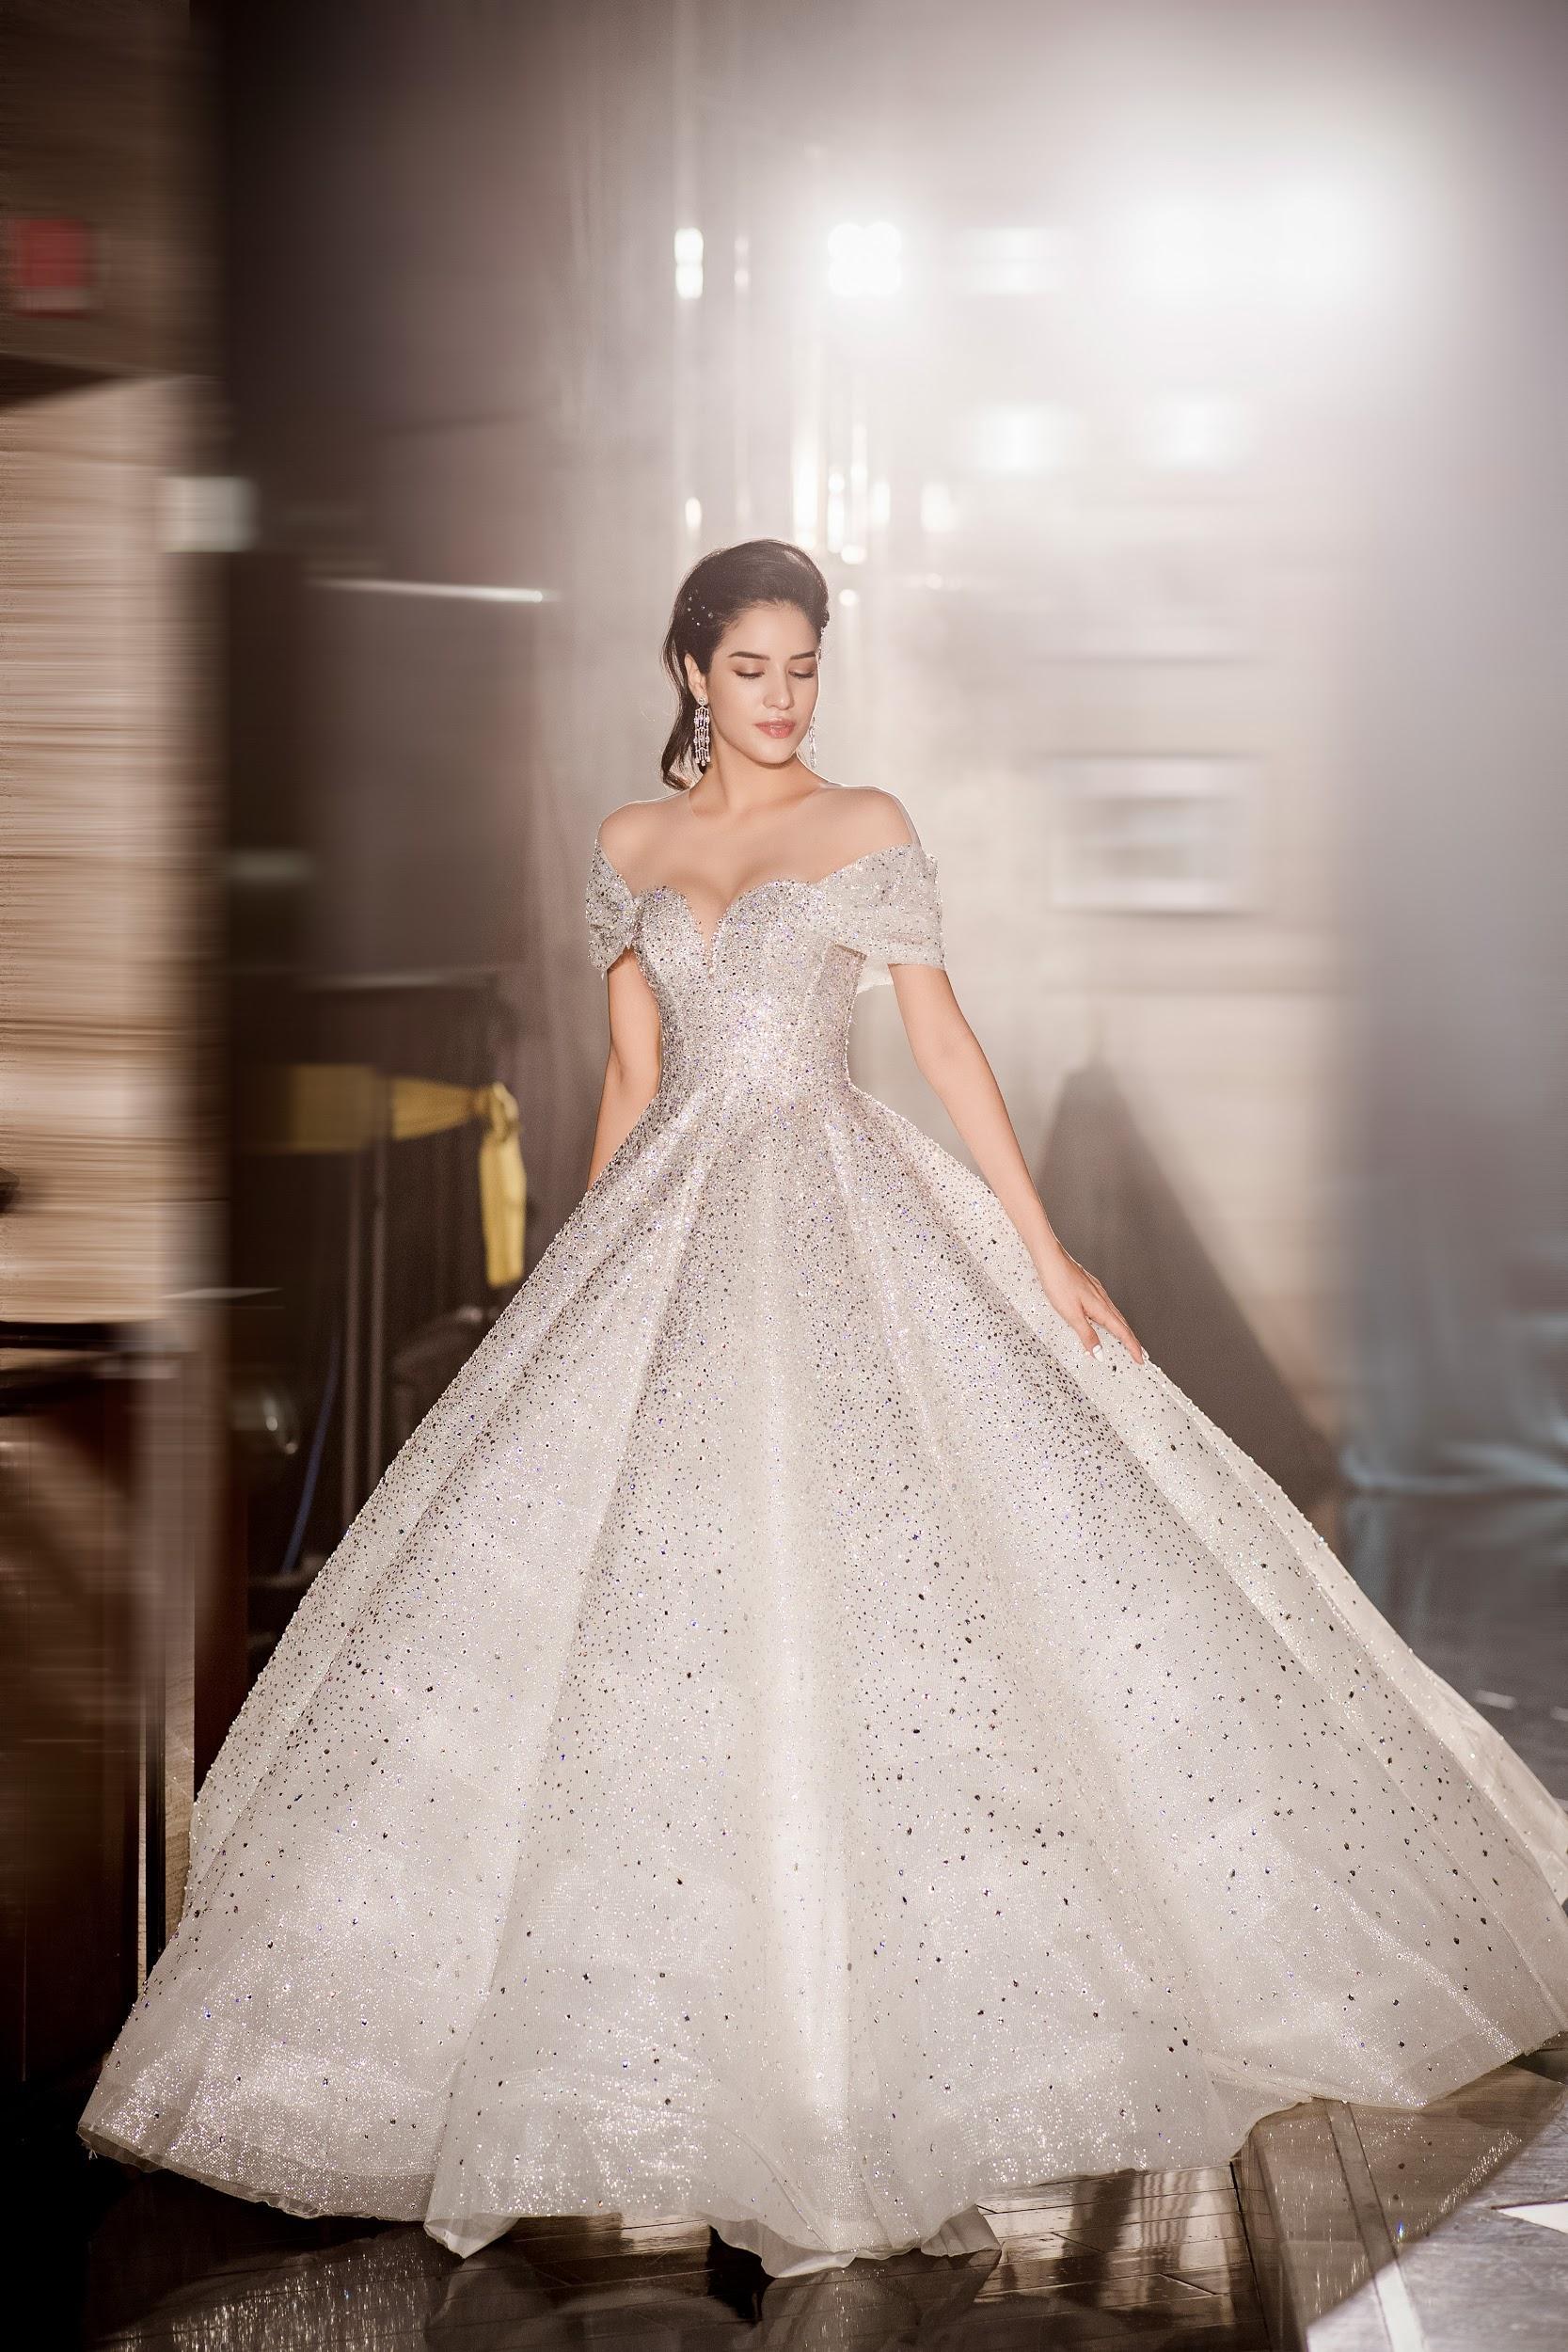 Lecia Bridal ra mắt dòng váy Luxury đính hàng trăm ngàn viên pha lê Swarovski - Ảnh 6.